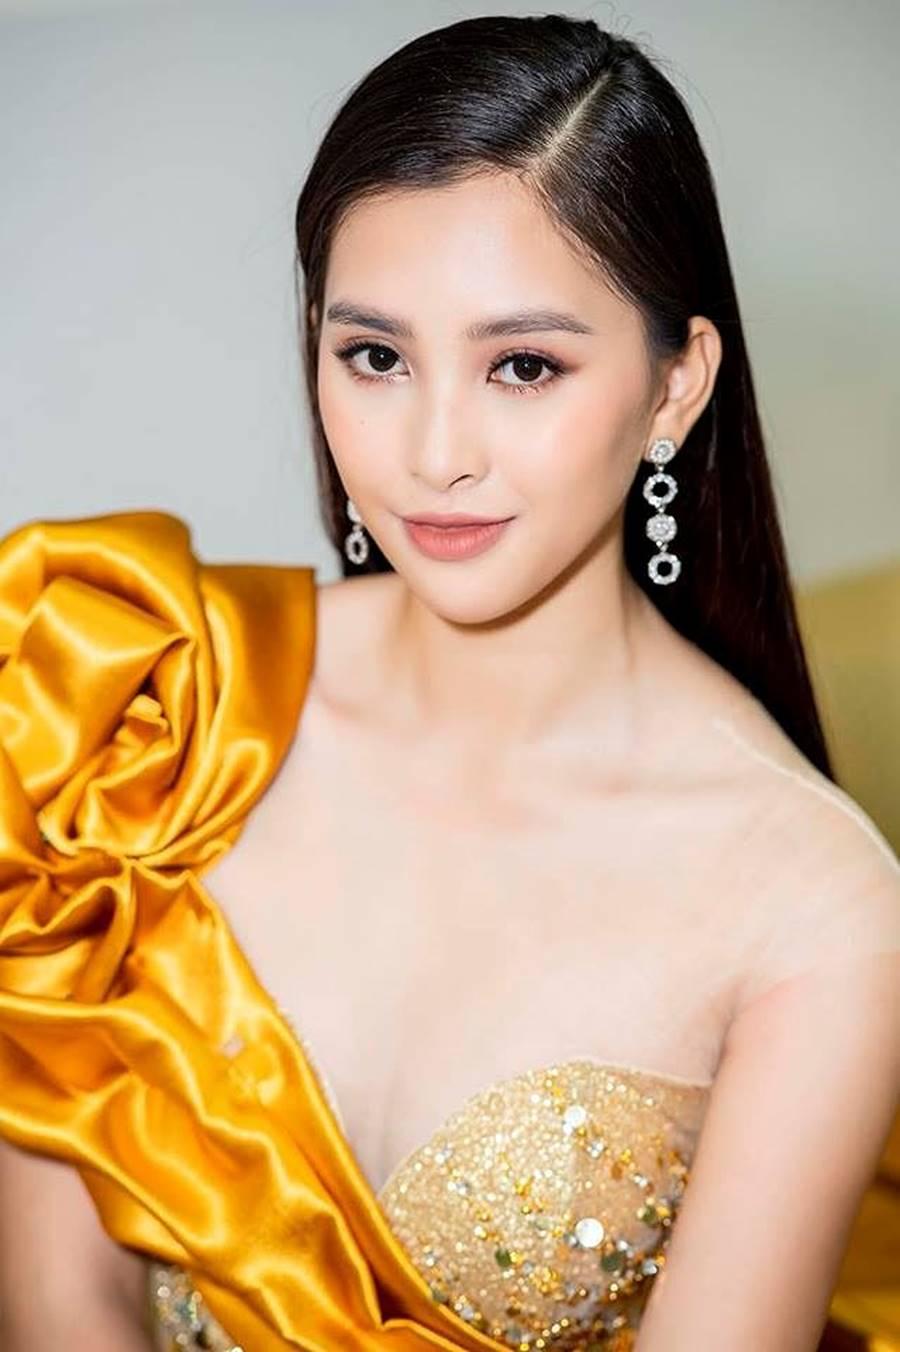 Hoa hậu Tiểu Vy, Á hậu Phương Nga đốn tim fans với váy áo lộng lẫy-1